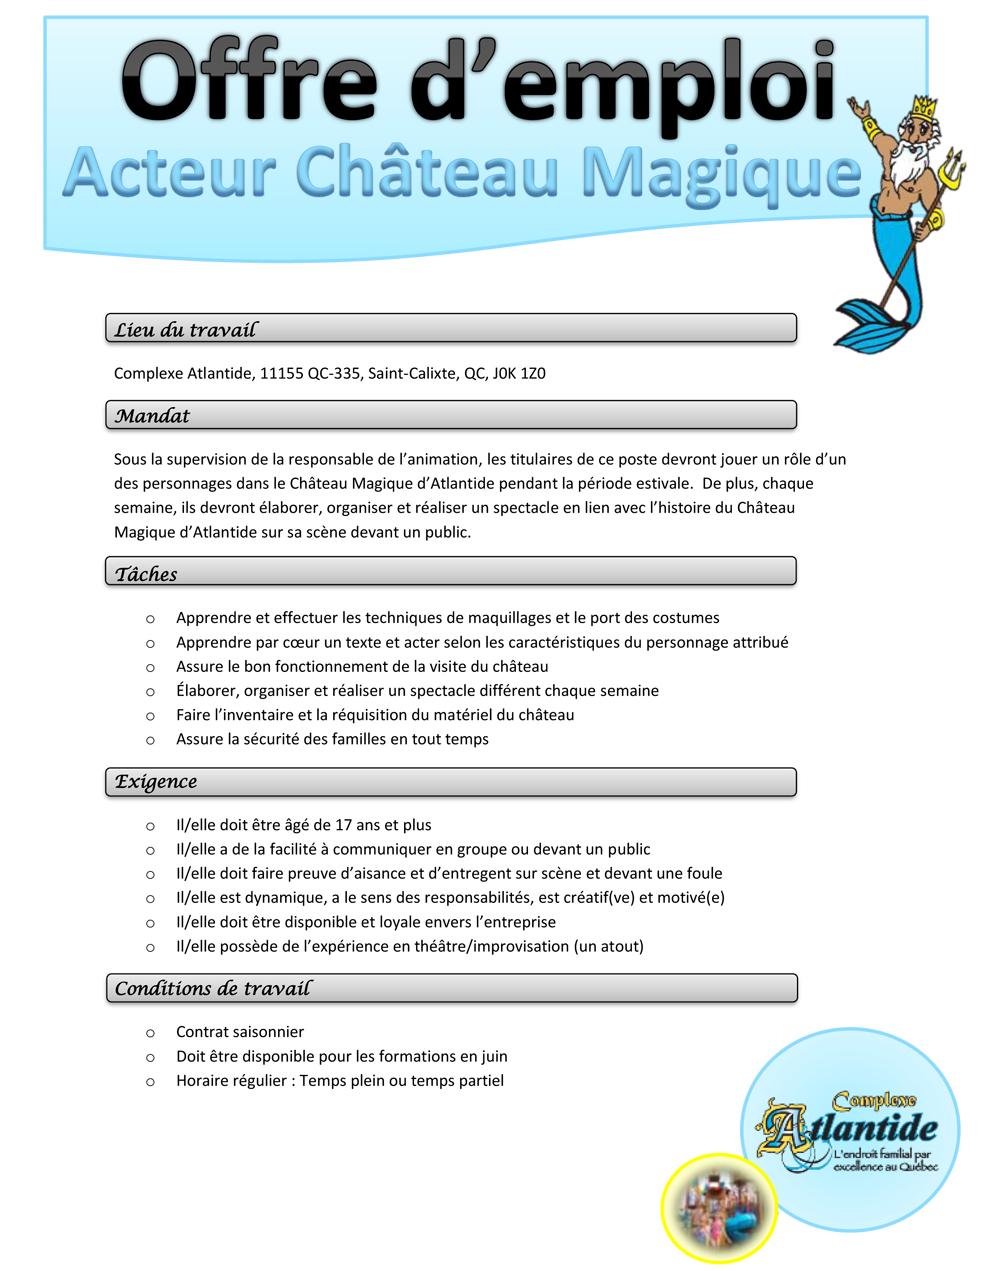 acteur-chateau-magique-1